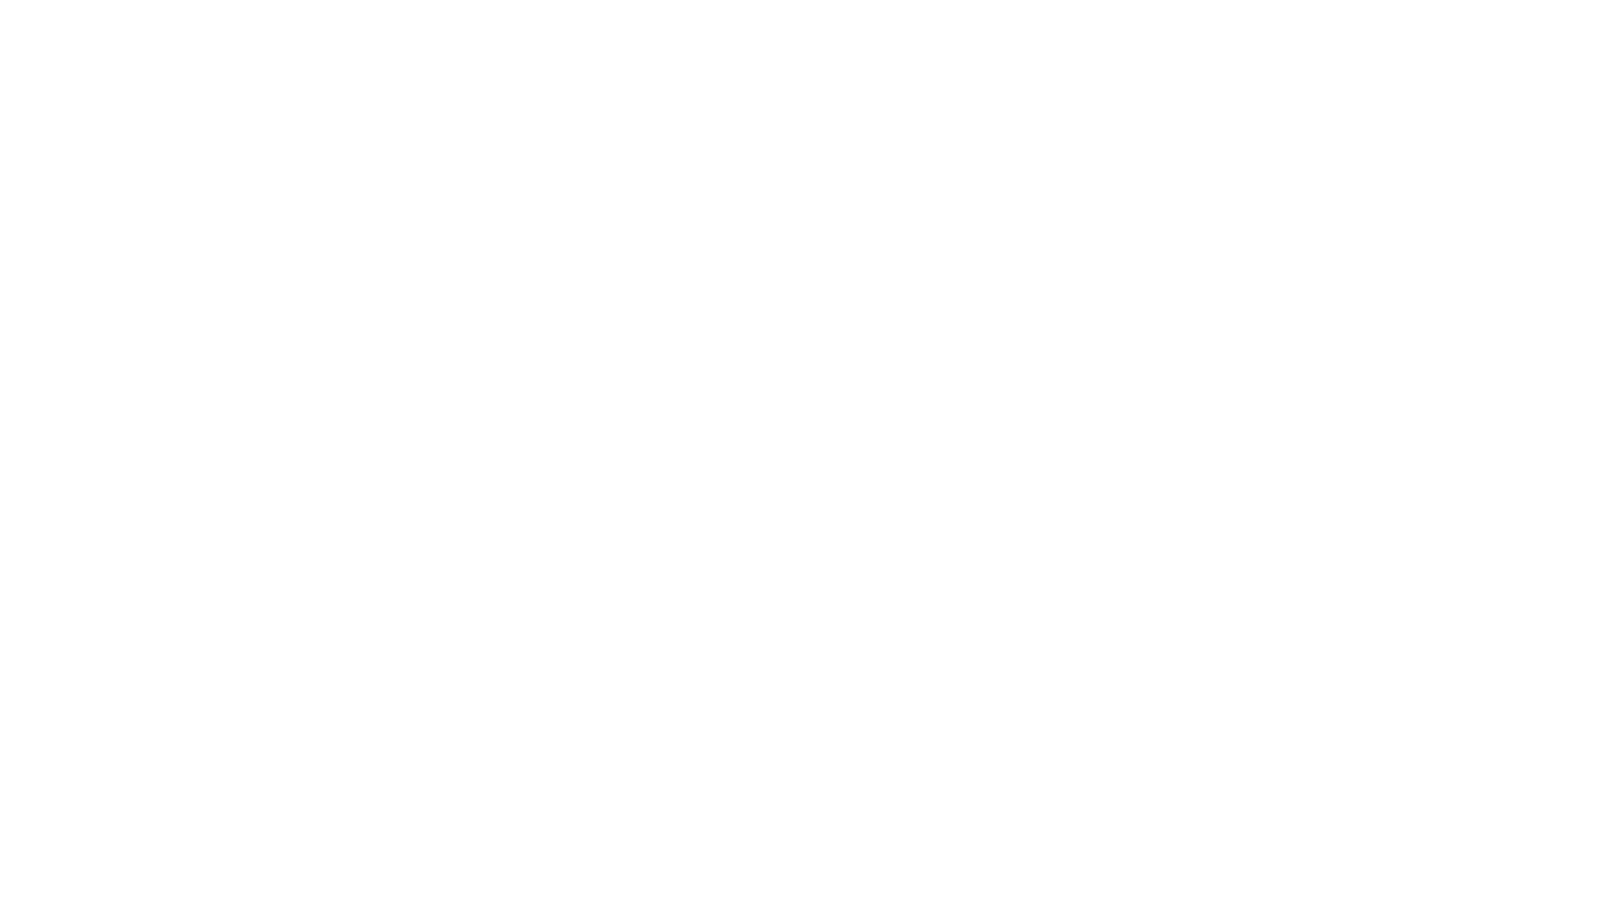 ドローンを持って鷹ノ巣山に登りました。 紅葉もうっすらと始まり、短い秋の訪れを感じます。 今回はドローンを持って行きました。 短い撮影時間でしたが、良い画もとれて満足です。 奥多摩駅から鷹ノ巣まで約10㎞、往復20㎞の道のりは想像してたよりも体力を使いました。モモ軽く筋肉痛。。。  【My system】 -Camera- Sony α7III : https://amzn.to/2pKQR4V   -Lens- Sony FE 24-105mm F4 G OSS SEL24105G : https://amzn.to/2IqyHfr  Sony E 10-18mm F4 OSS SEL1018:https://amzn.to/2MbGyOW   -Mic-  audio-technica AT9945CM : https://amzn.to/2MrRI2n   -Gimbal- Zhiyun WEEBILL LAB : https://amzn.to/331J3dt DJI Osmo Mobile 2 : https://amzn.to/31MikBj DJI OSMO POCKET : https://amzn.to/2MdSWhj  -Drone- Mavic Air : https://amzn.to/35boGfF  -Tripod & Head- Gitzo GK2545T-82QD Series 2 Traveler Kit:https://amzn.to/2ALR0Yi Velbon ULTREK UT-3AR : https://amzn.to/2ni82tM   -Apple- MacBook Pro 15inc : https://amzn.to/2nks6fd iPhoneXS Max  iPad 10.2inc : https://amzn.to/2OmIRS8  Watch Series4 : https://amzn.to/31Q97Z0 AirPods : https://amzn.to/2Opg7bd   -Other- Anker PowerCore Fusion 5000 : https://amzn.to/2In03mu  cheero Power Plus 5 10000mAh : https://amzn.to/30JNcRS  SMALLRIG Sony A7III : https://amzn.to/2LP7Uvj SanDisk SSD 1TB : https://amzn.to/2AFSX8B PeakDesign Capture : https://amzn.to/2Vf3sch PeakDesign SLL-BK-3 : https://amzn.to/2LKTwEh  -App- Music epidemicsound : https://www.epidemicsound.com Edit Premiere Pro / FiLMiC Pro / Videoleap / Video LUT  【FOLLOW ME】 Instagram : https://www.instagram.com/jufuk/ Twitter : https://twitter.com/jufuk Facebook : https://www.facebook.com/jufukblog Website : http://jufuk.com  【Mail】 jufuku1116@gmail.com